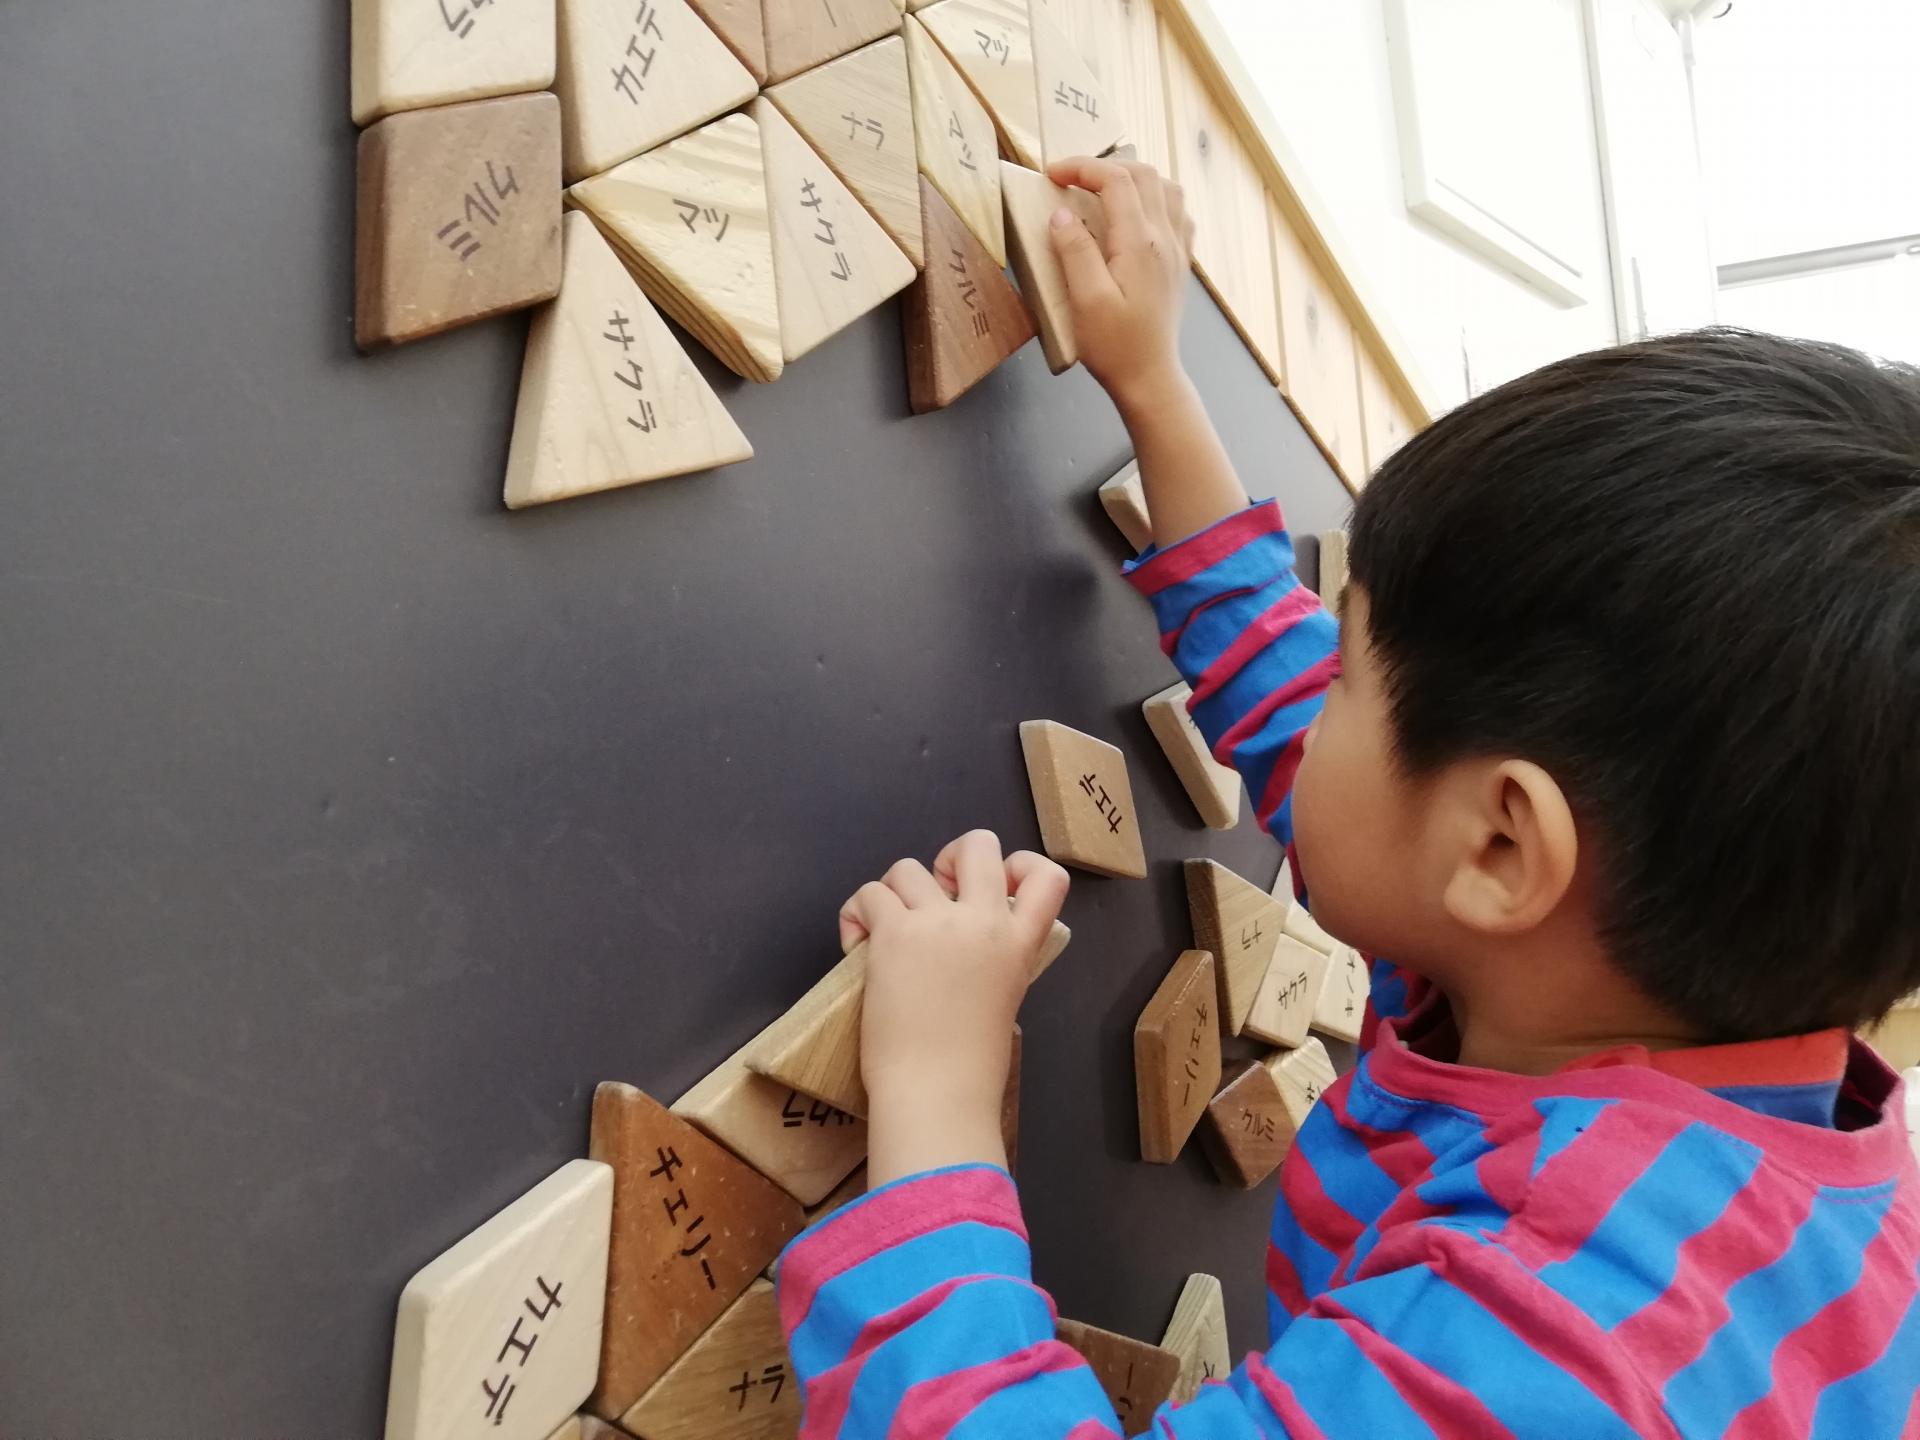 5歳におすすめの知育玩具とは。ランキング形式で人気のおもちゃを紹介!